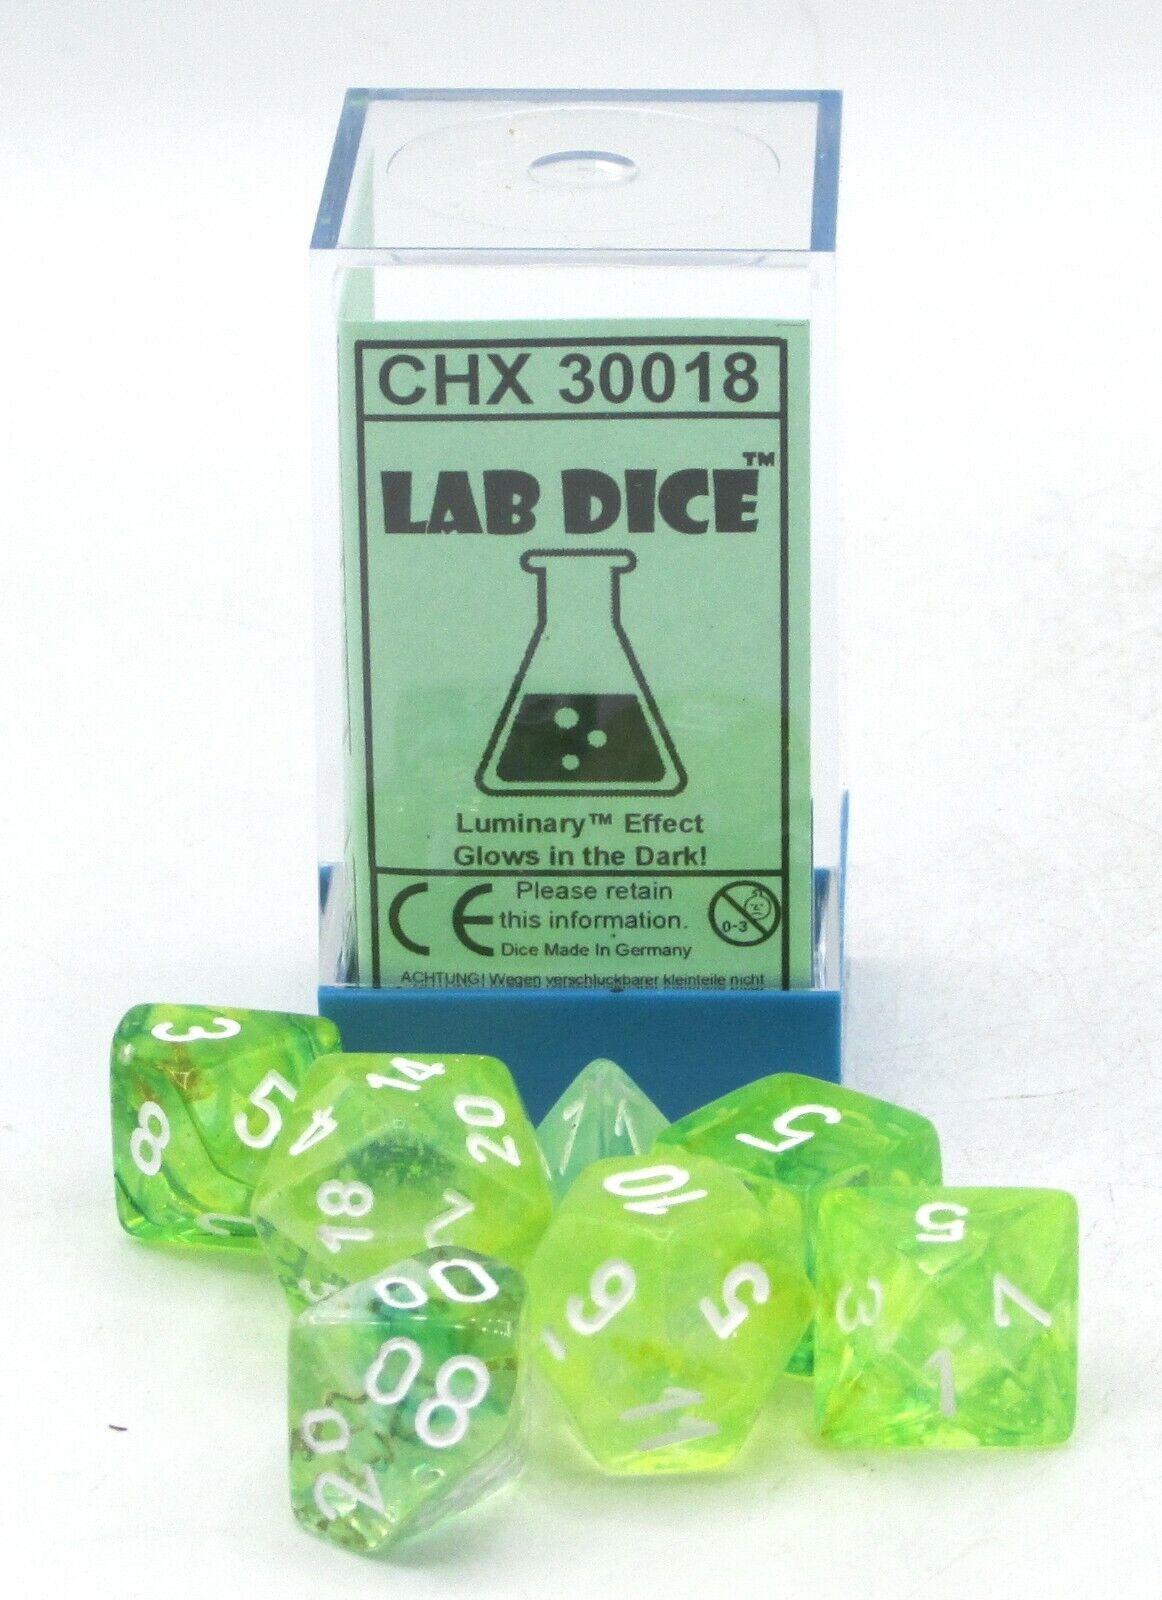 Chessex Lab Dice CHX 30018 Nebula Spring/White Luminary